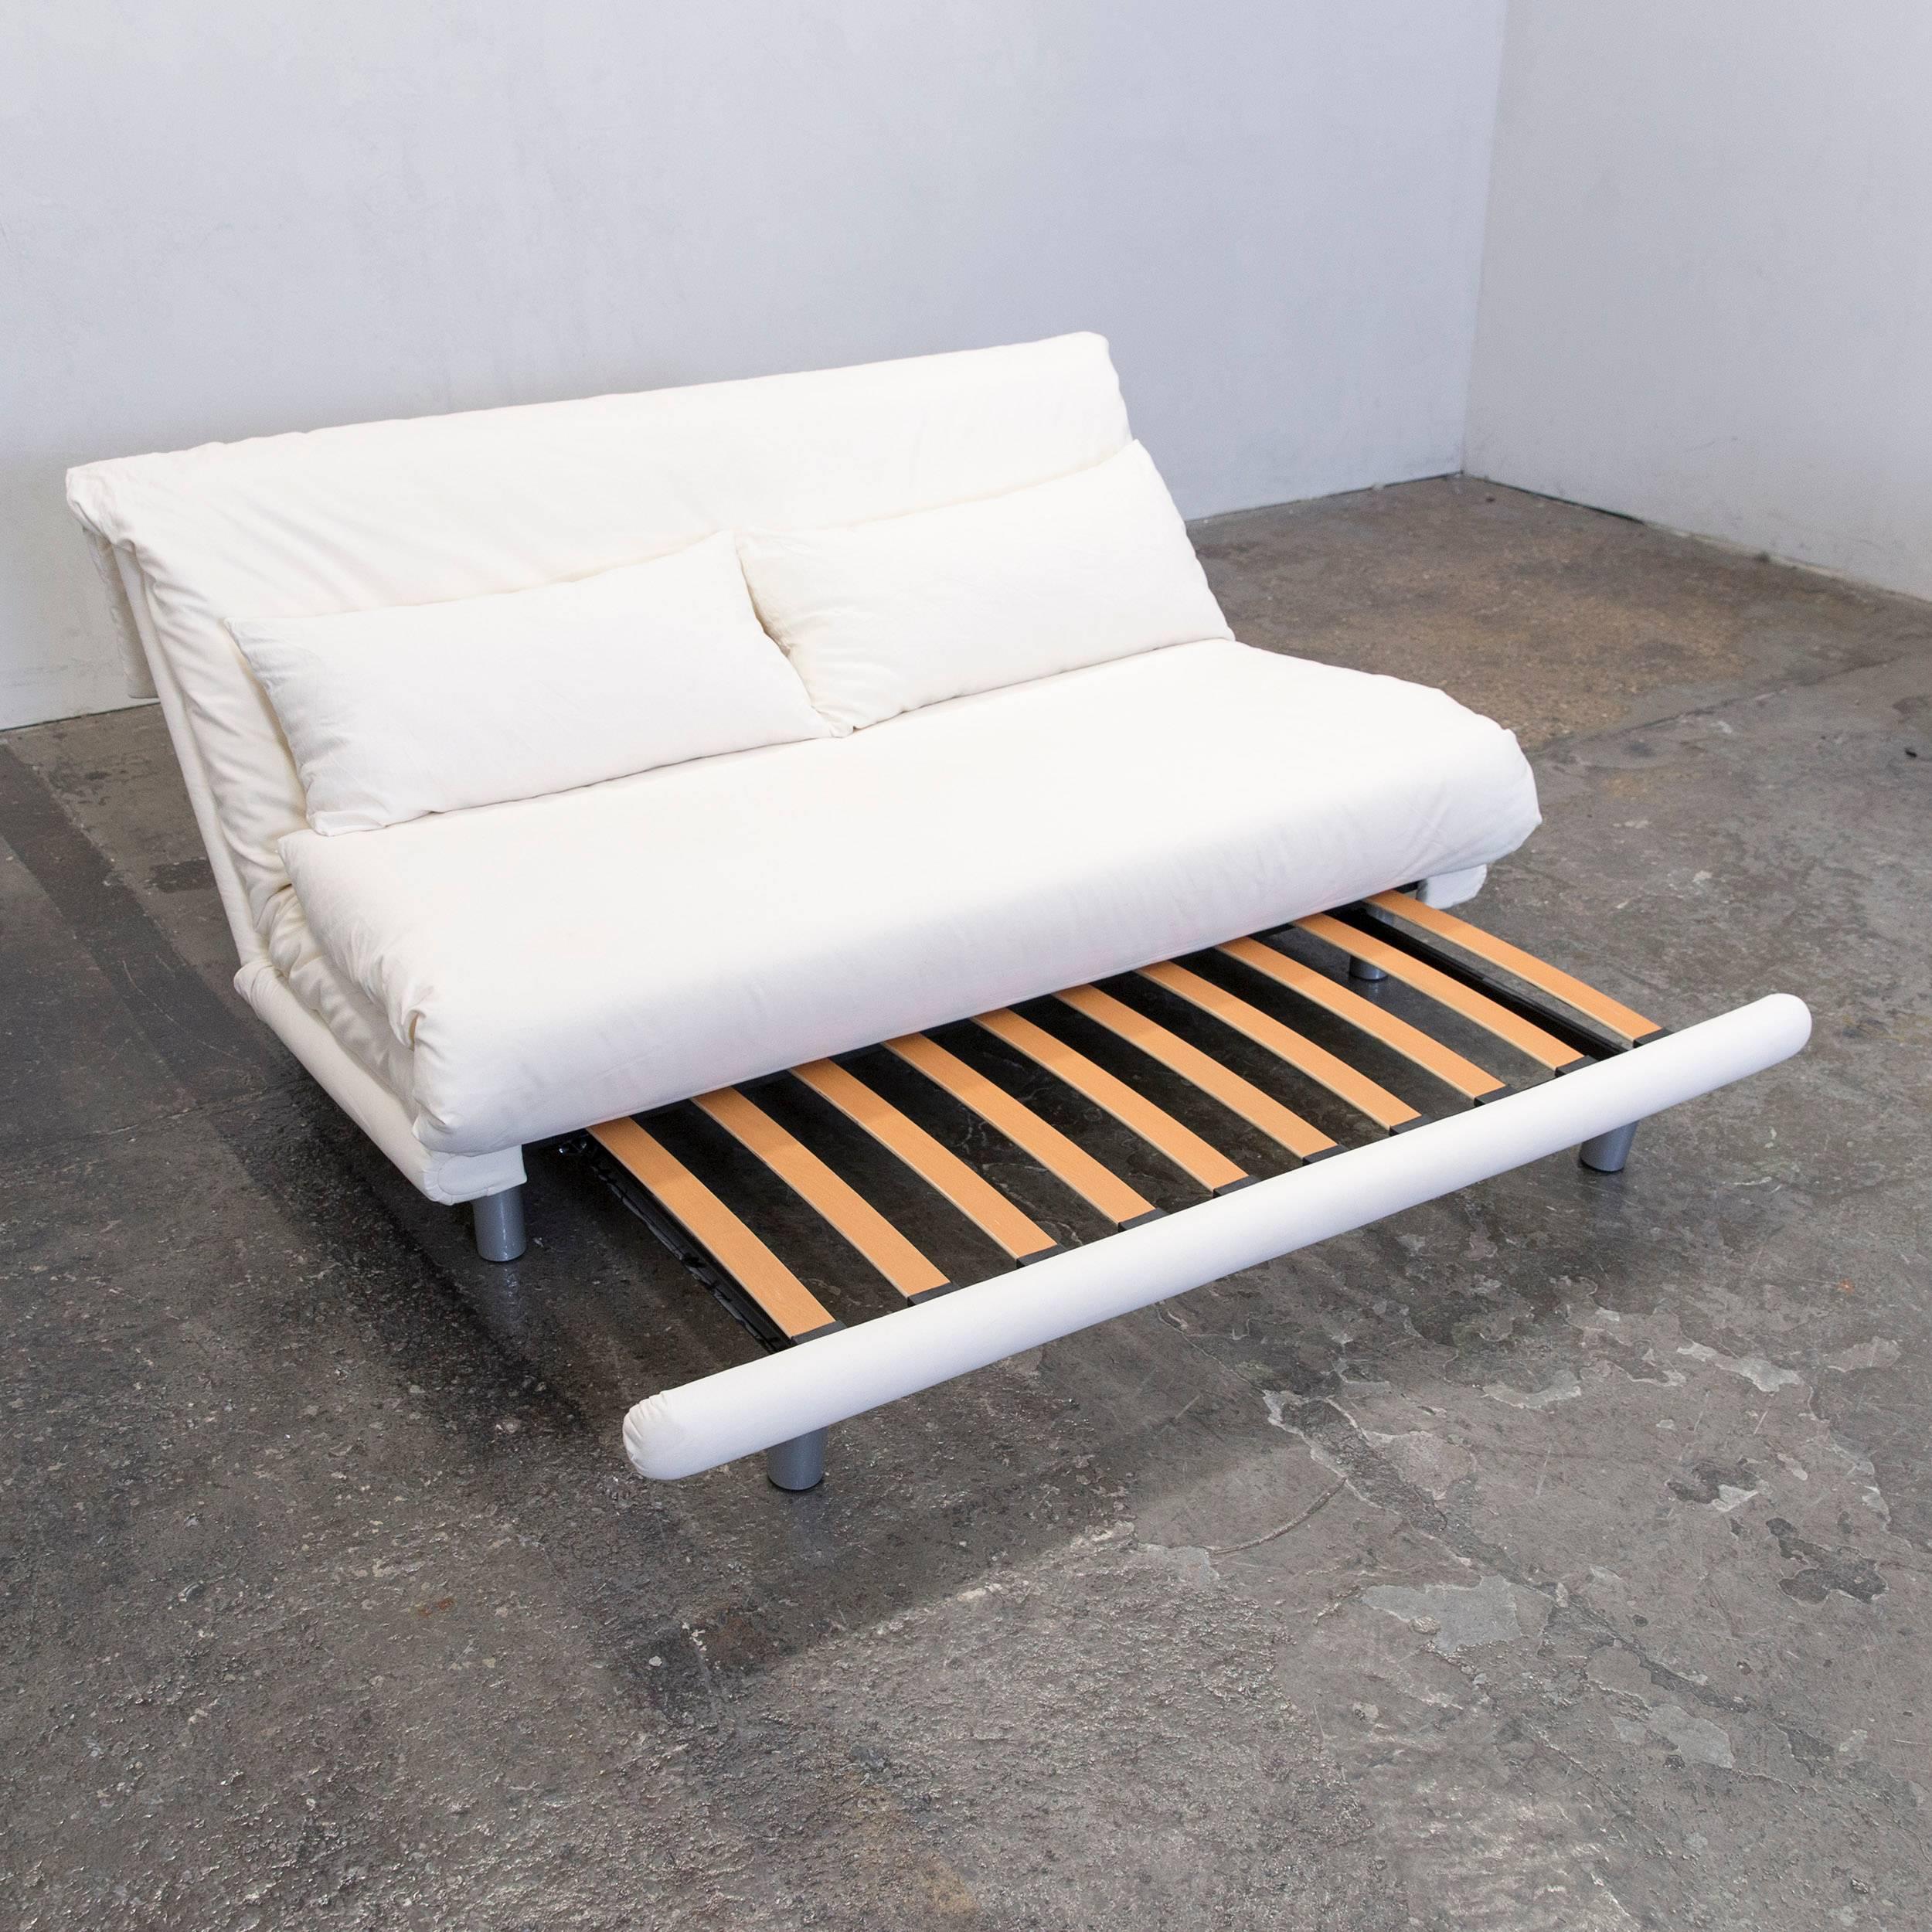 ligne roset multy sofa bed price finest ligne roset at aria with ligne roset multy sofa bed. Black Bedroom Furniture Sets. Home Design Ideas